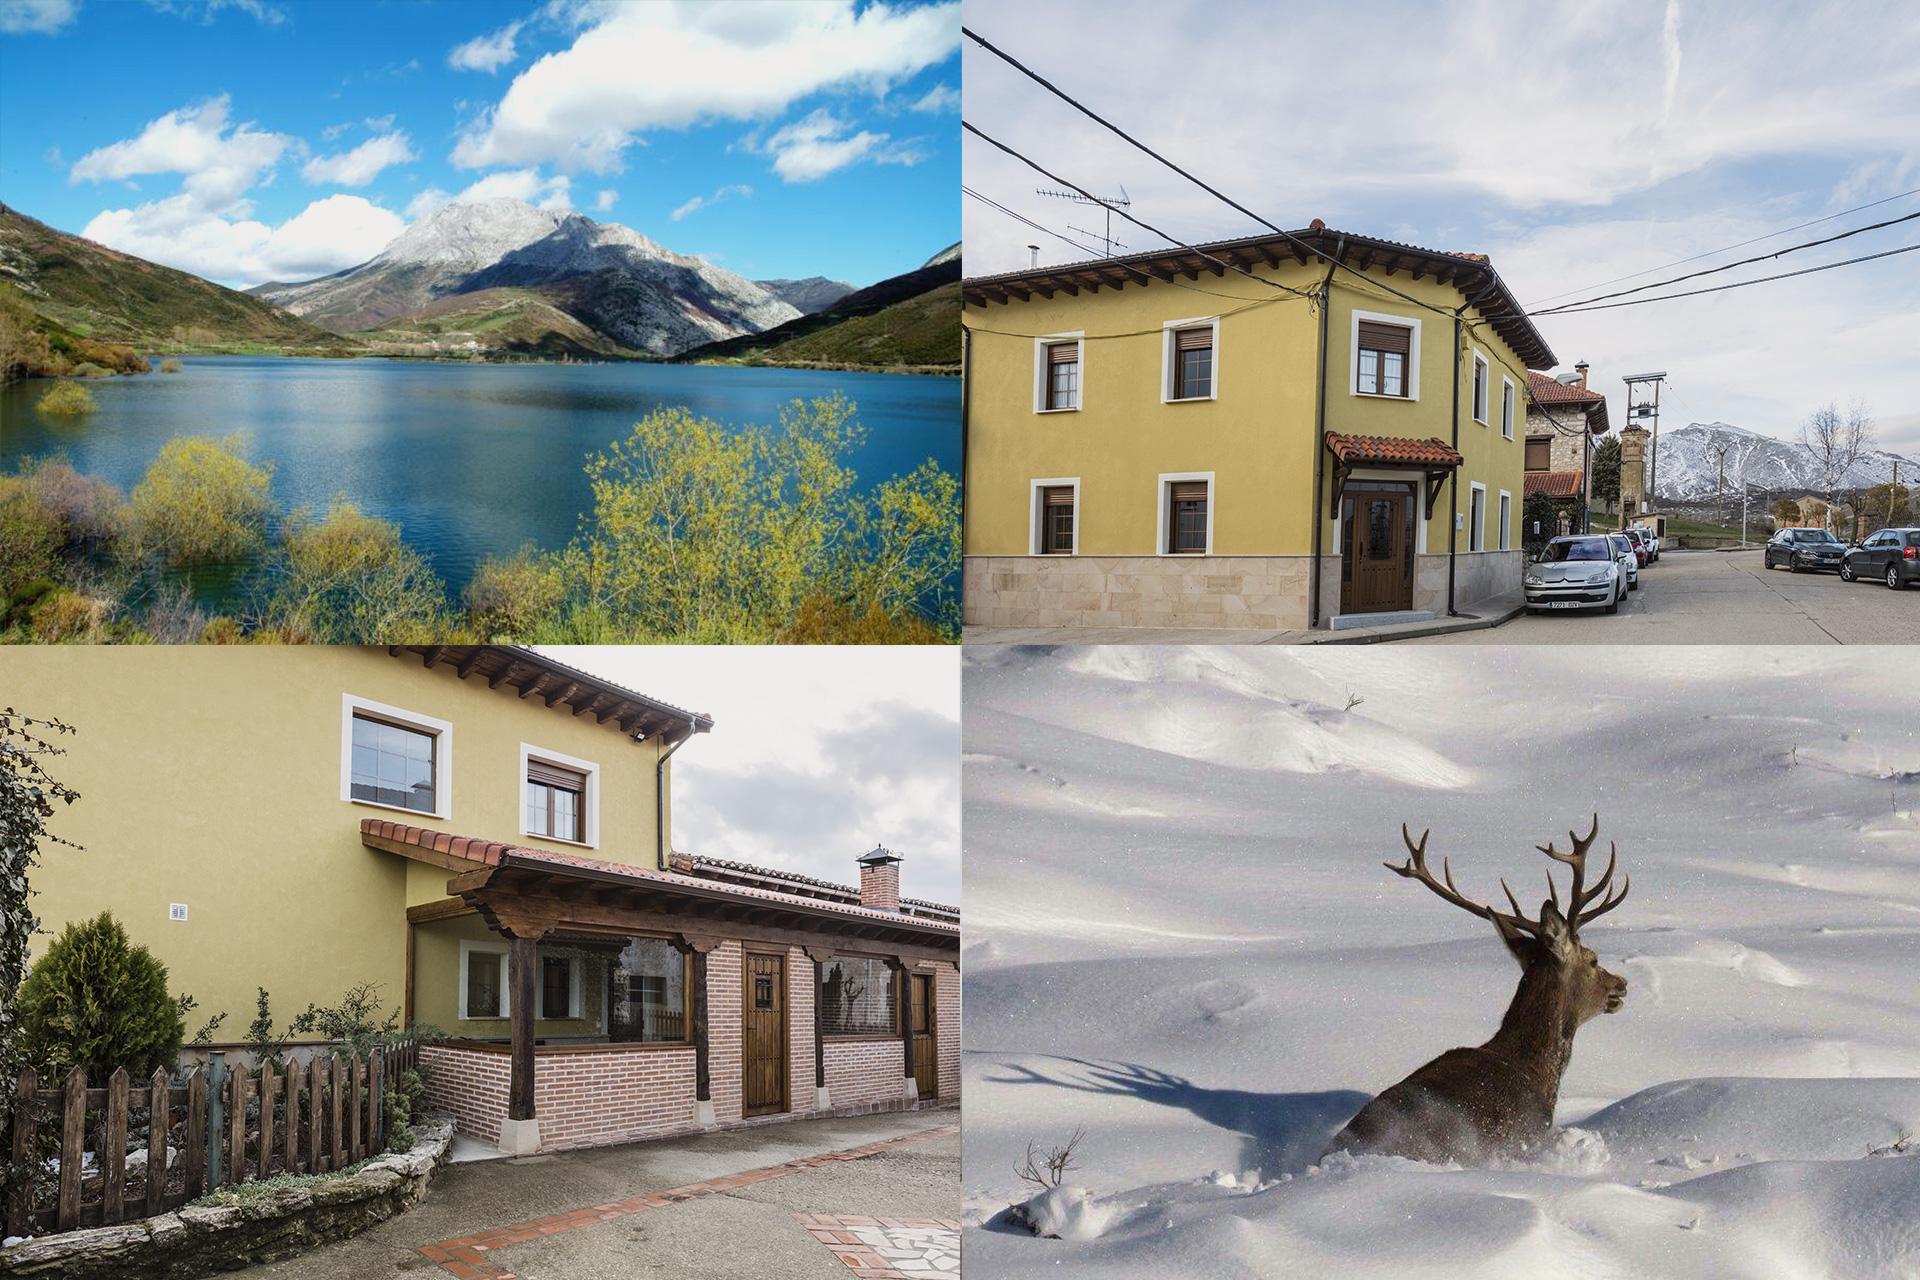 Hotel rural el yunque un hotel con encanto en plena monta a palentina - Casas rurales montana palentina ...